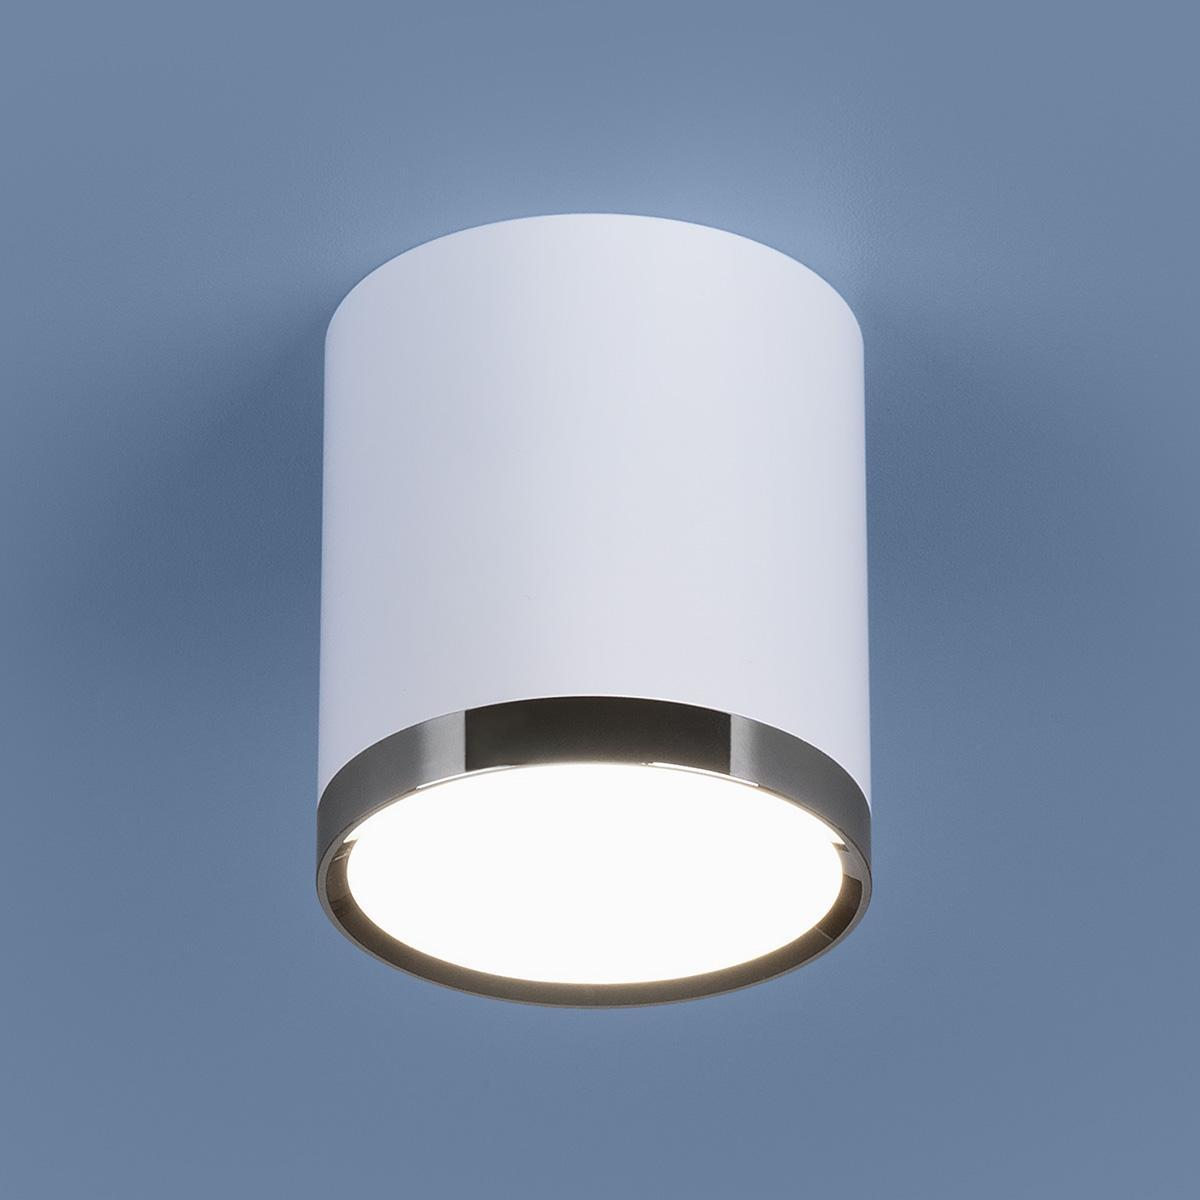 Потолочный светодиодный светильник Elektrostandard DLR024 6W 4200K белый матовый 4690389110368 цена